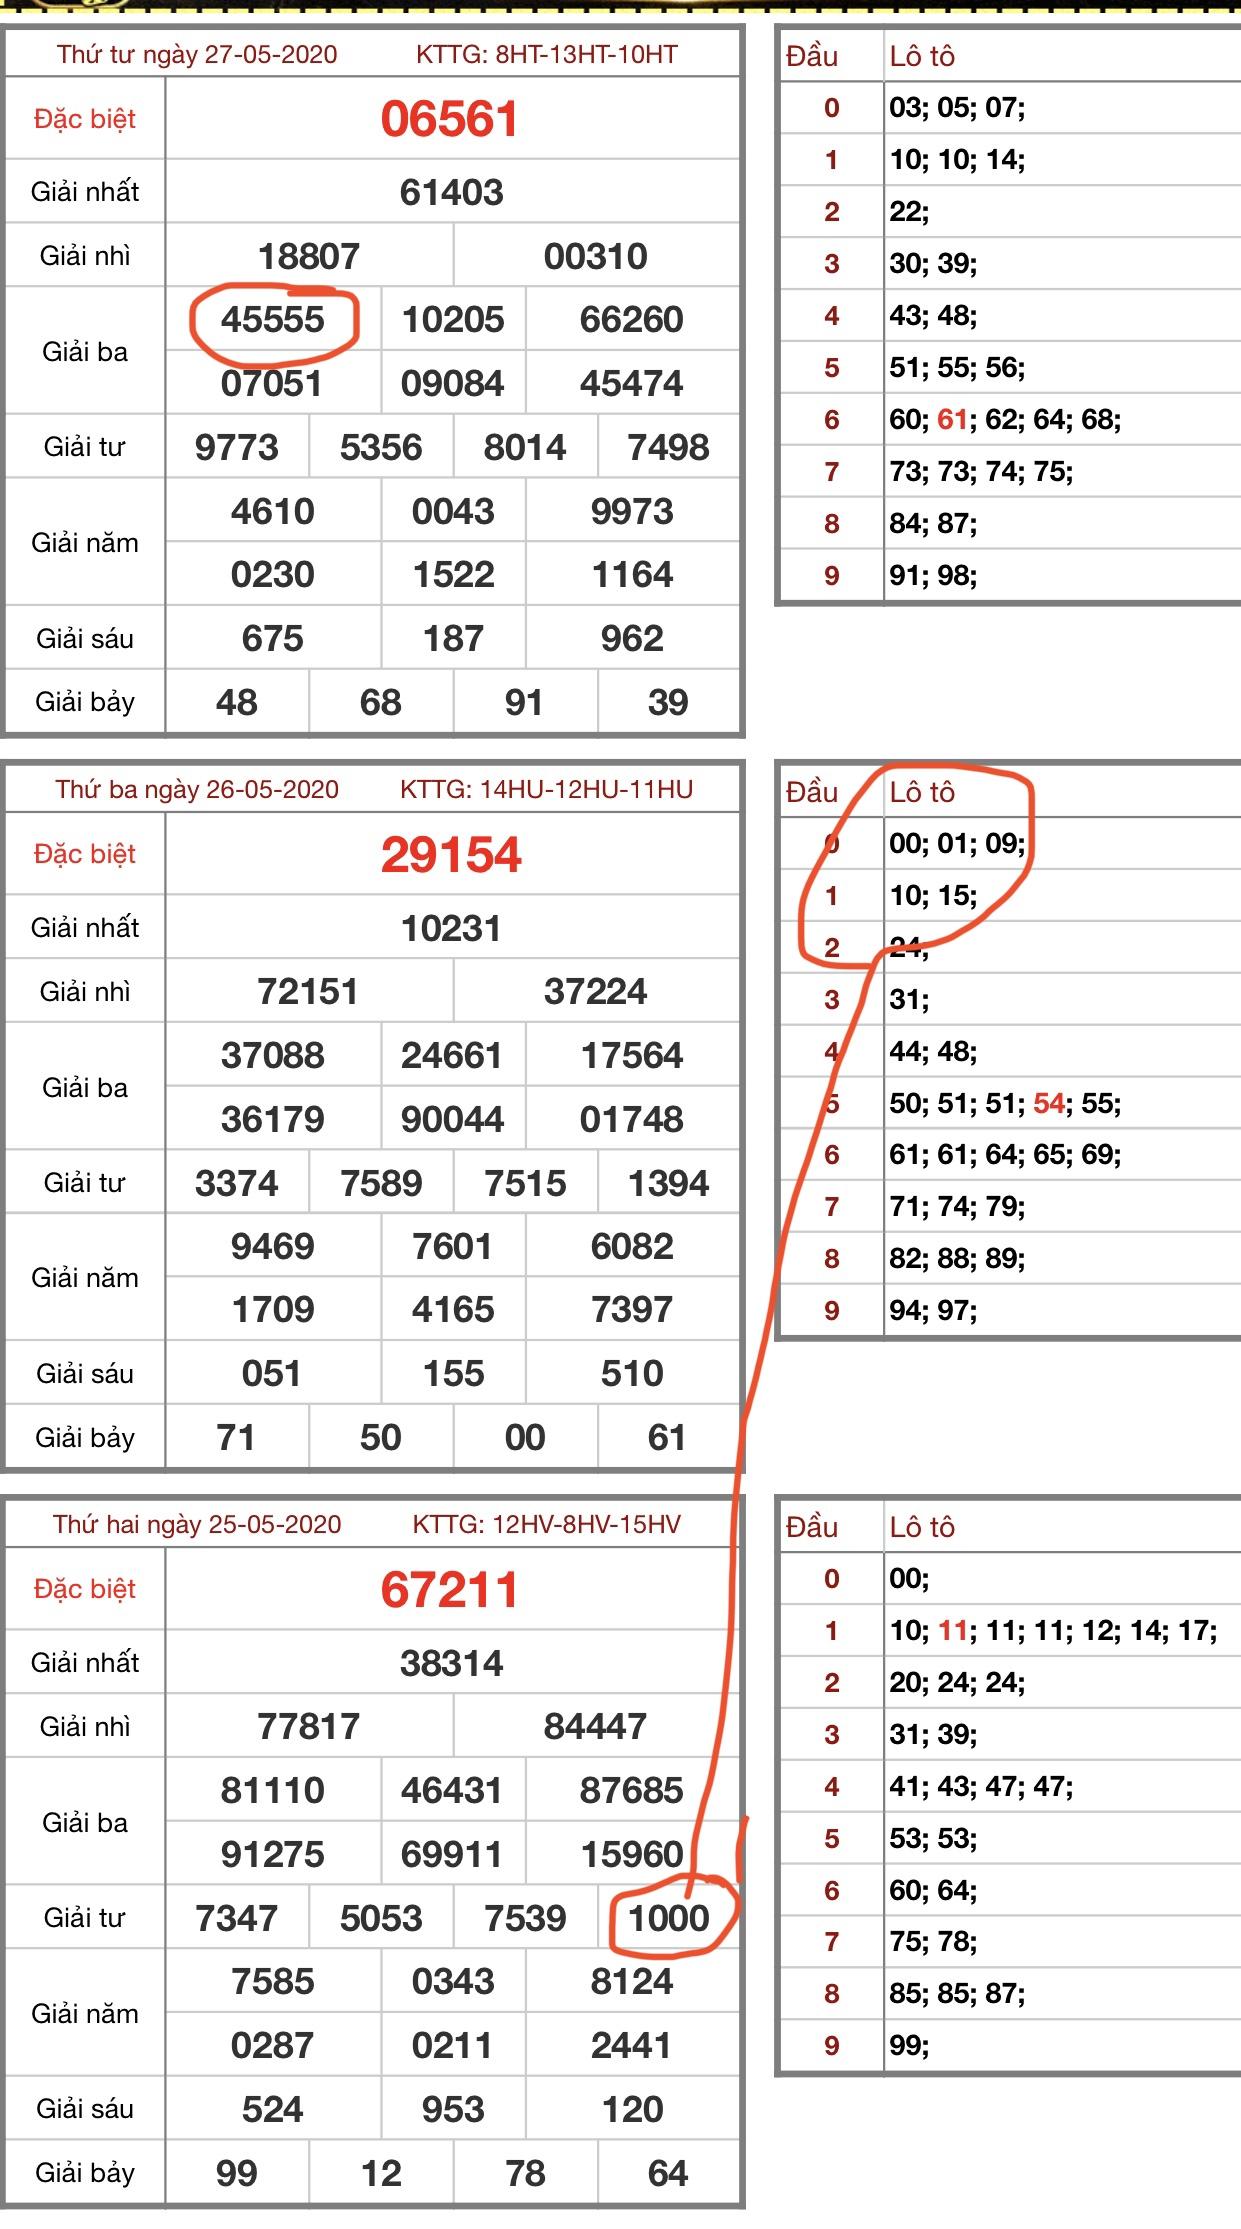 3C9DB4DB-9F5D-497B-918B-CAD87AFE2122.jpeg